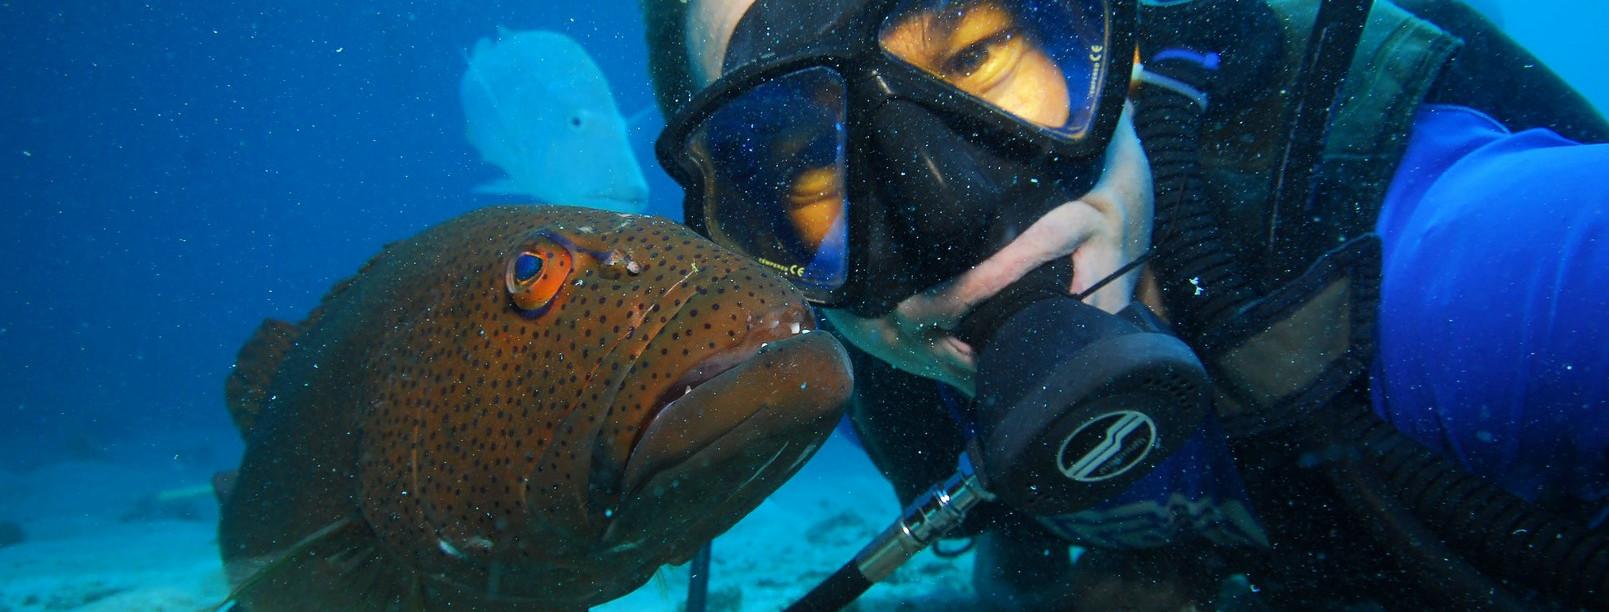 Troy Underwater Selfies 006.jpg